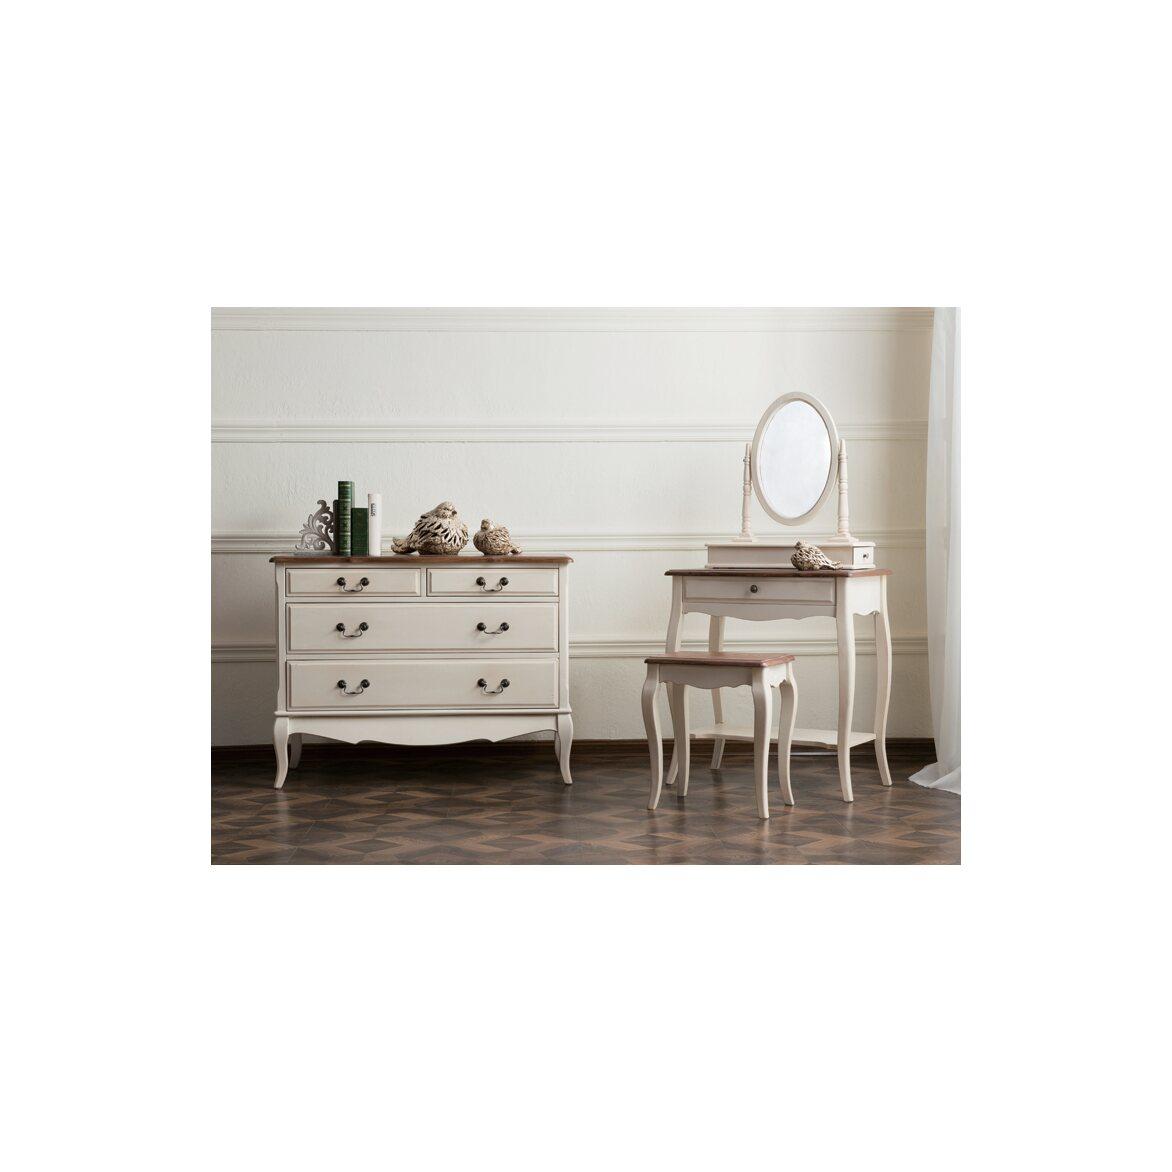 Туалетный столик с овальным зеркалом Leontina, бежевого цвета 10   Туалетные столики Kingsby